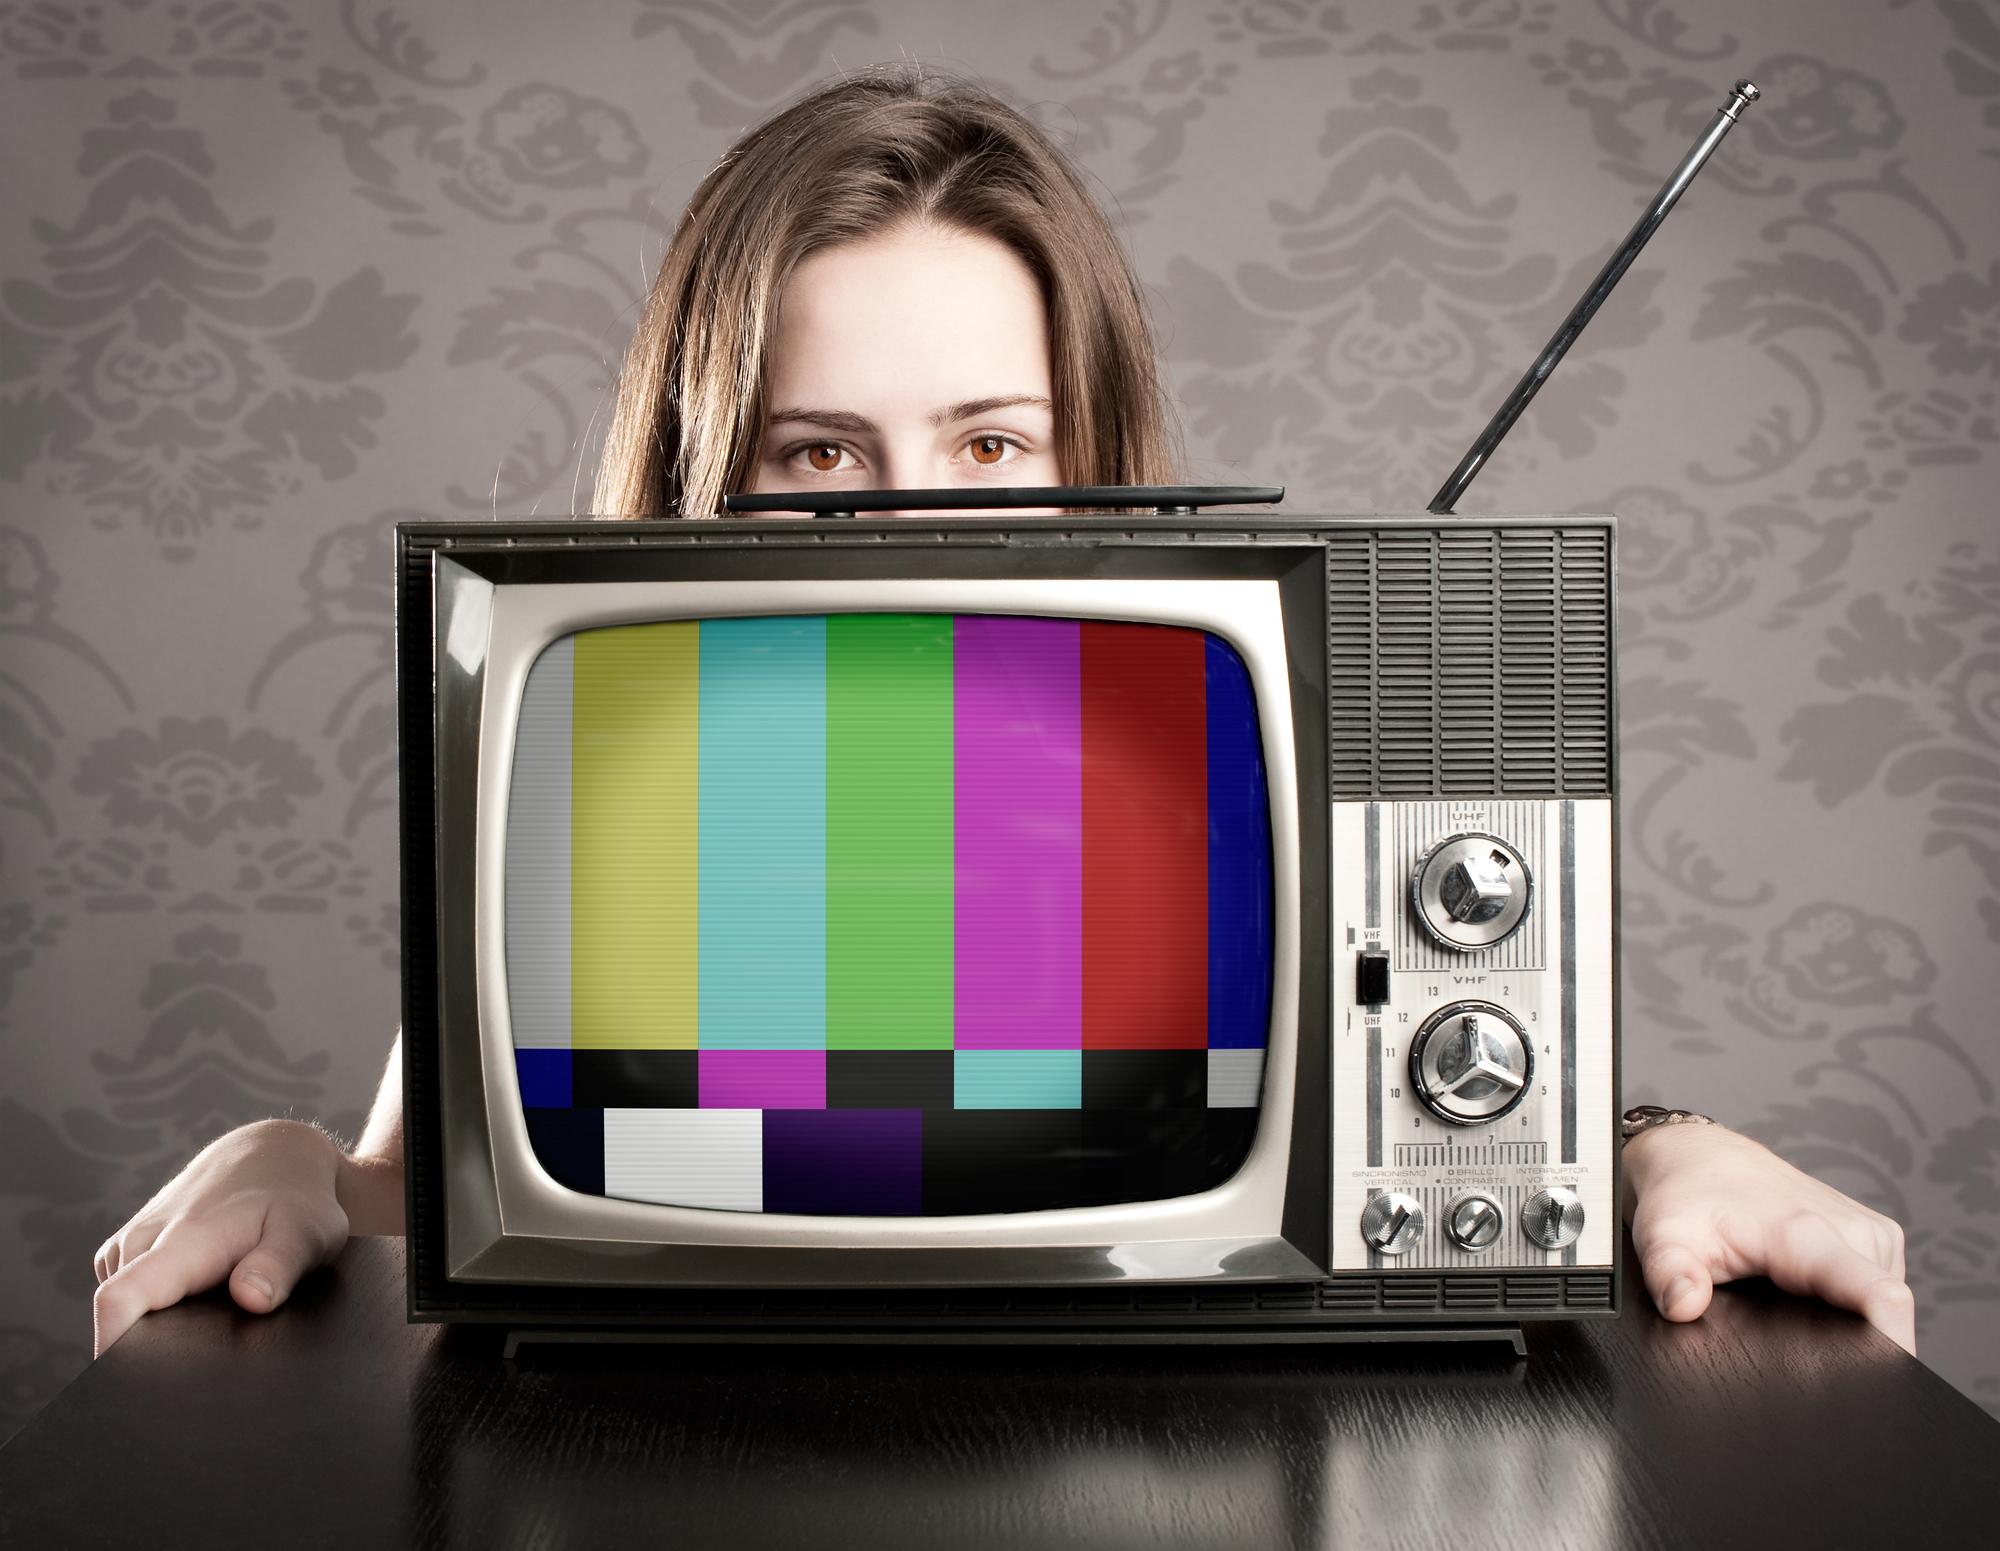 выключенный телевизор картинки что именно